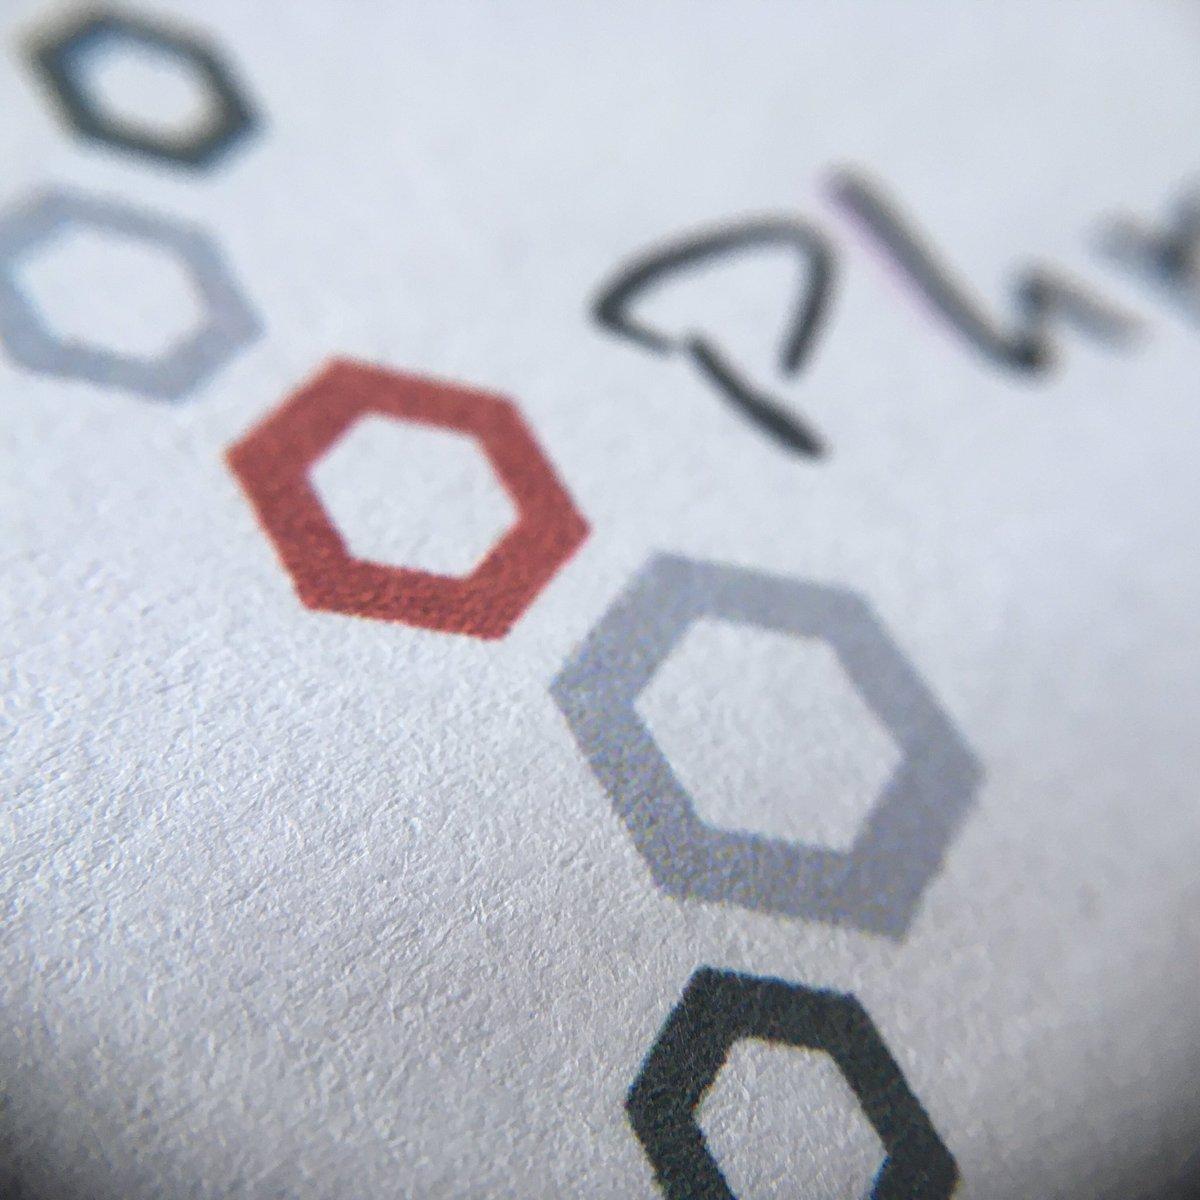 Mein letztes #Projekt vom März (#Detail): #Logo für #Physiotherapie Schlichte Farben, ein stark stilisiertes #Symbol und eine sehr individuelle Schrift. #Logogestaltung #logodesign #grafikdesign #corporatedesign #grafikbüro #hexagon #wirbel #wirbelsäule #individuell #branding